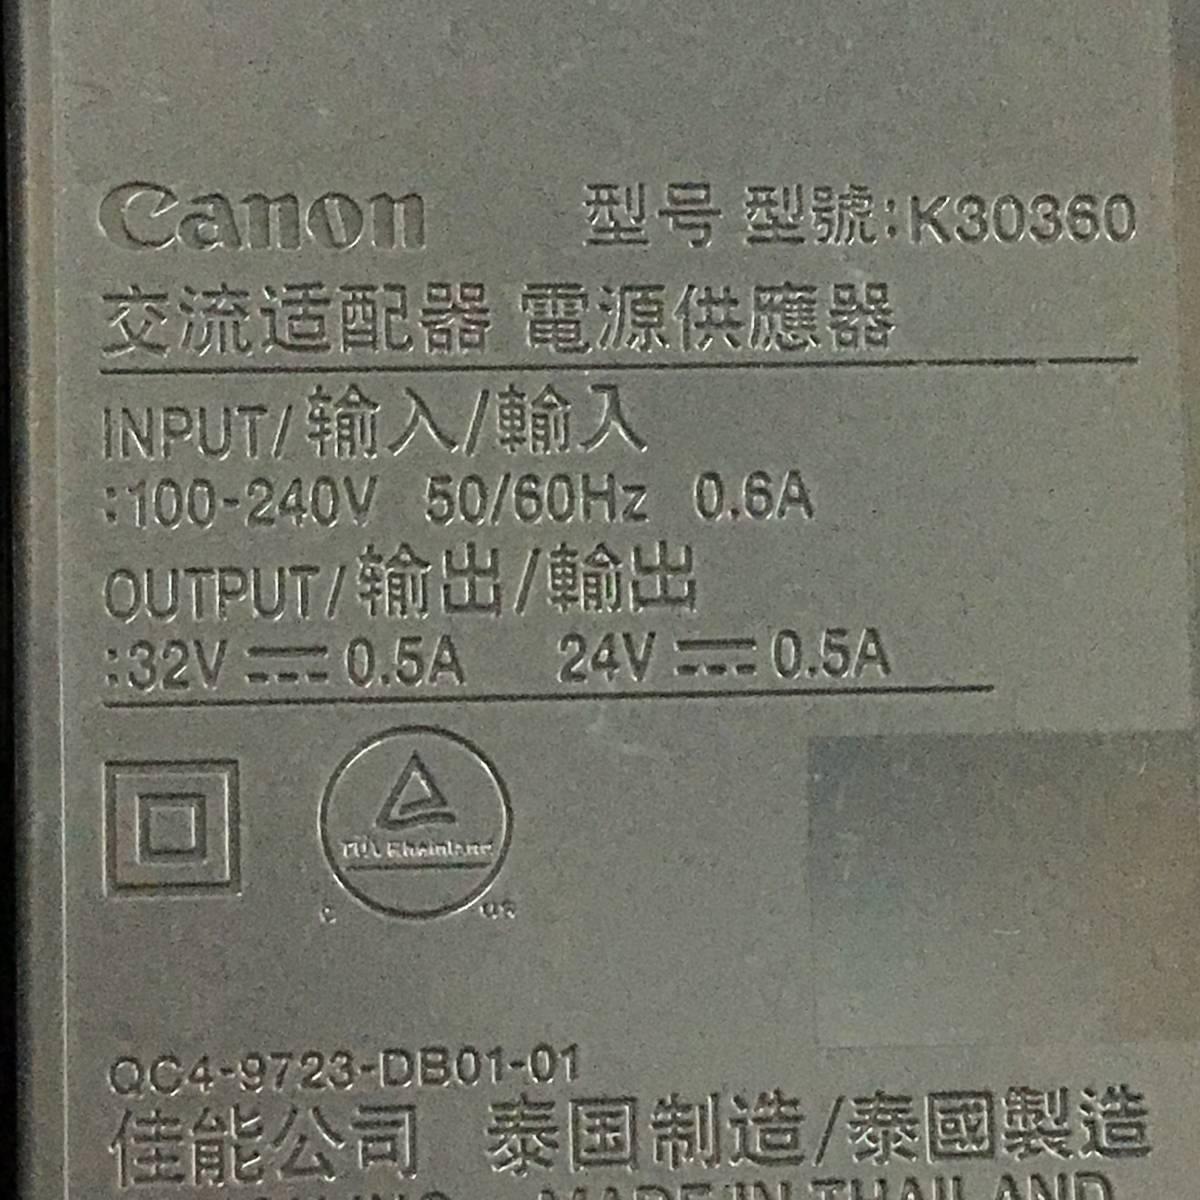 Canon キャノン PIXUS ピクサス インクジェット プリンタ MG7530 オレンジ テスト用紙付 動作確認済_画像5